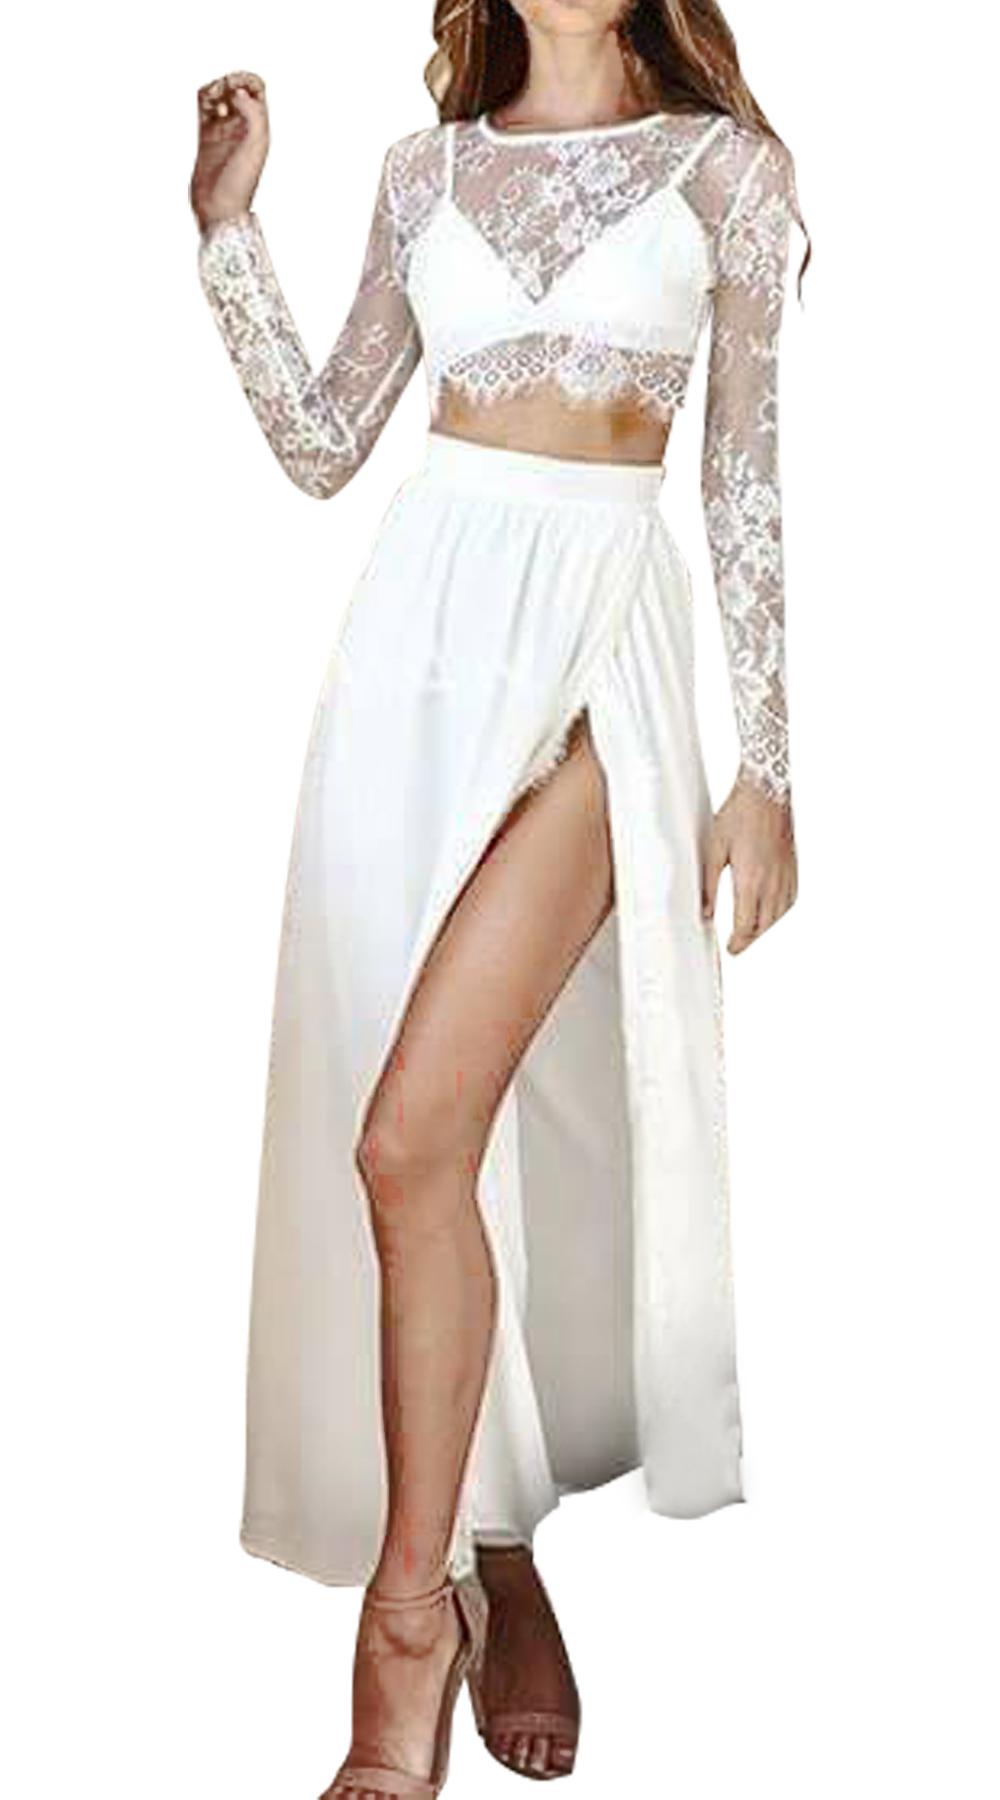 Σετ δαντελωτής μπλούζας και φούστας με high split - MissReina - S18SOF-51718 top trends glam occassions